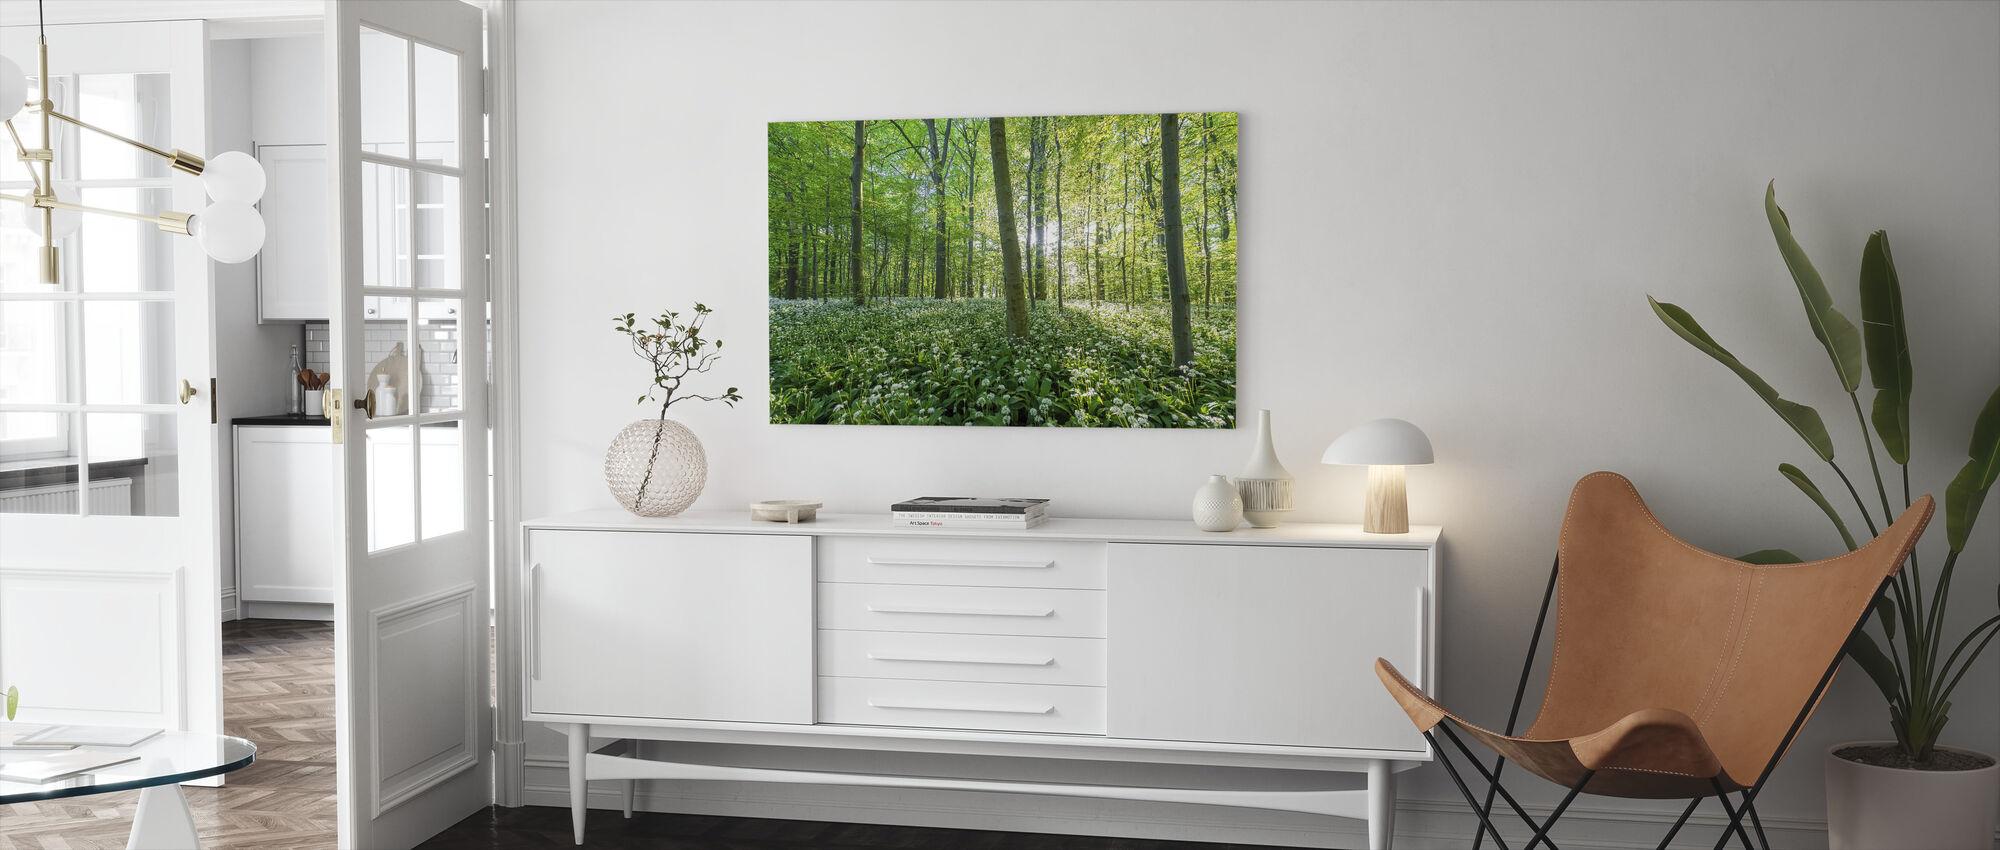 I bokskogen - Canvastavla - Vardagsrum